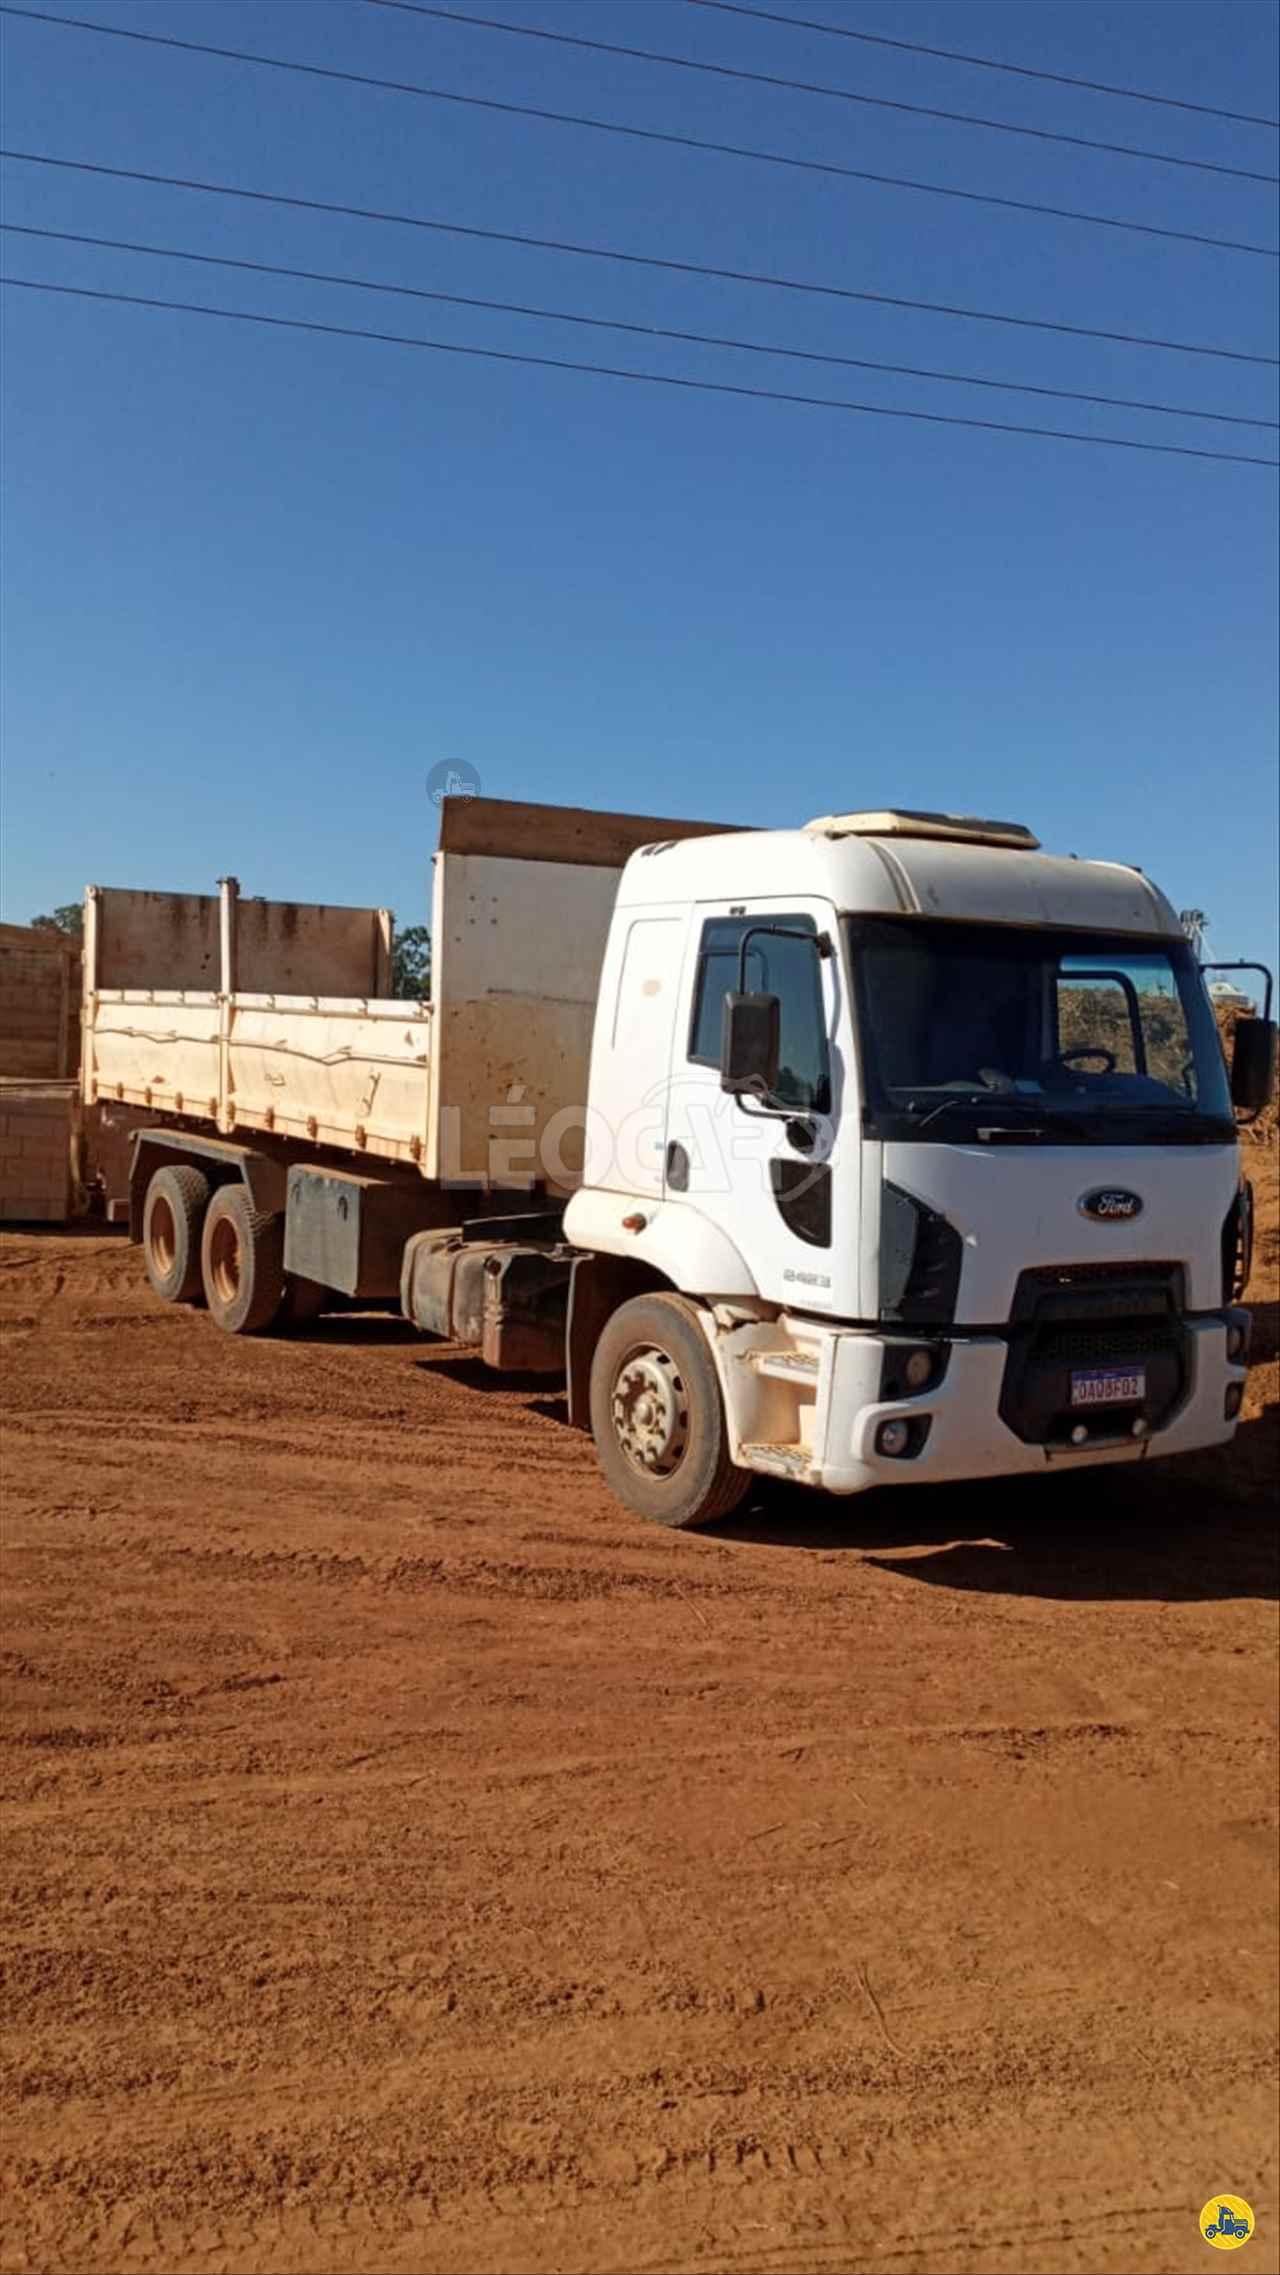 CAMINHAO FORD CARGO 2423 Caçamba Basculante Truck 6x2 Leocar Caminhões PRIMAVERA DO LESTE MATO GROSSO MT